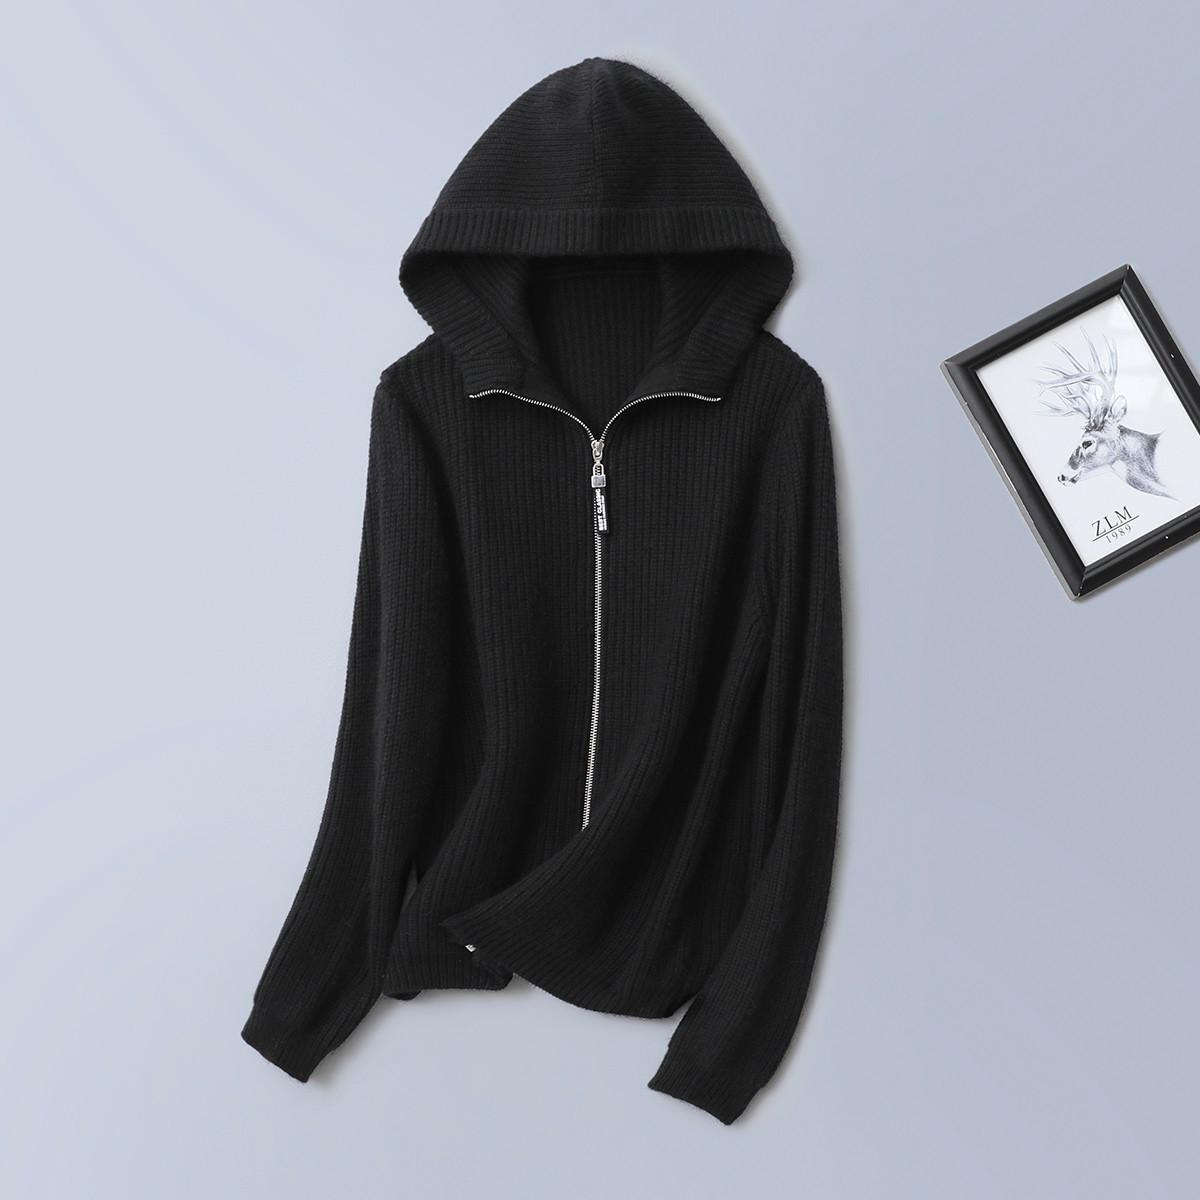 紫澜门春款羊毛兔毛混纺连帽拉链女装开衫外套3201305G84901